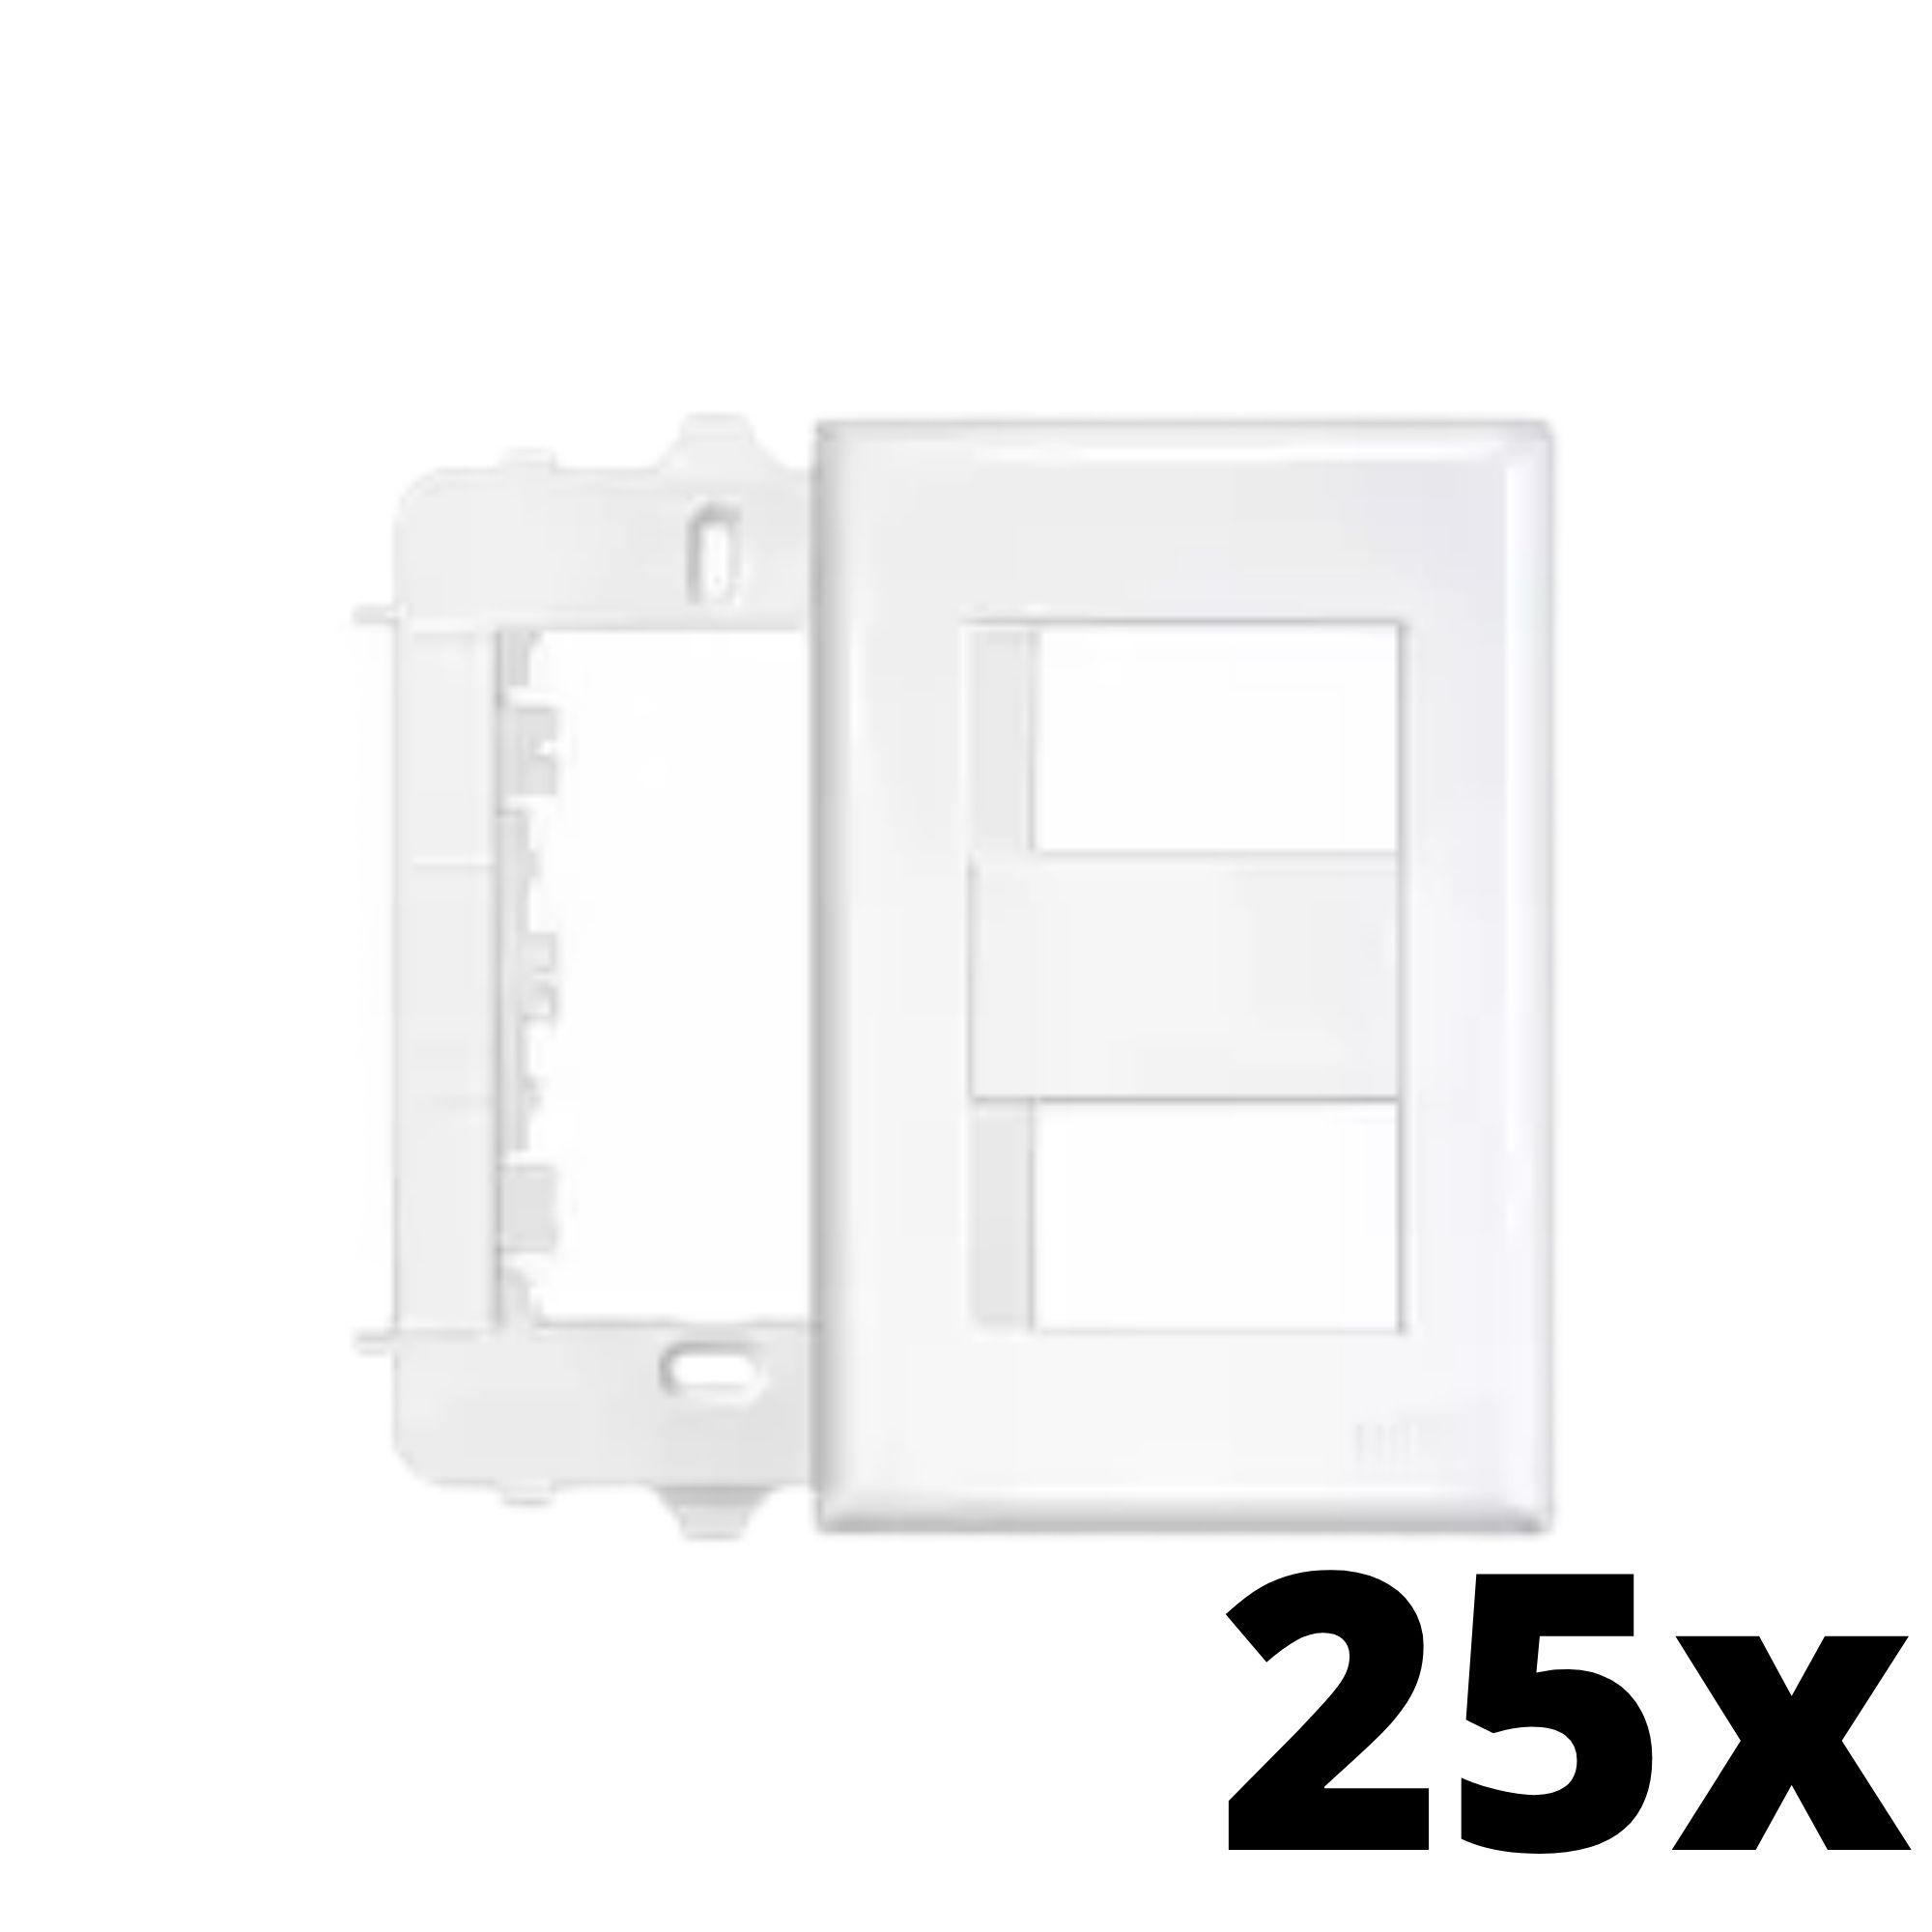 Kit 25 und Evidence Placa 4x2 2 Seções Distanciadas